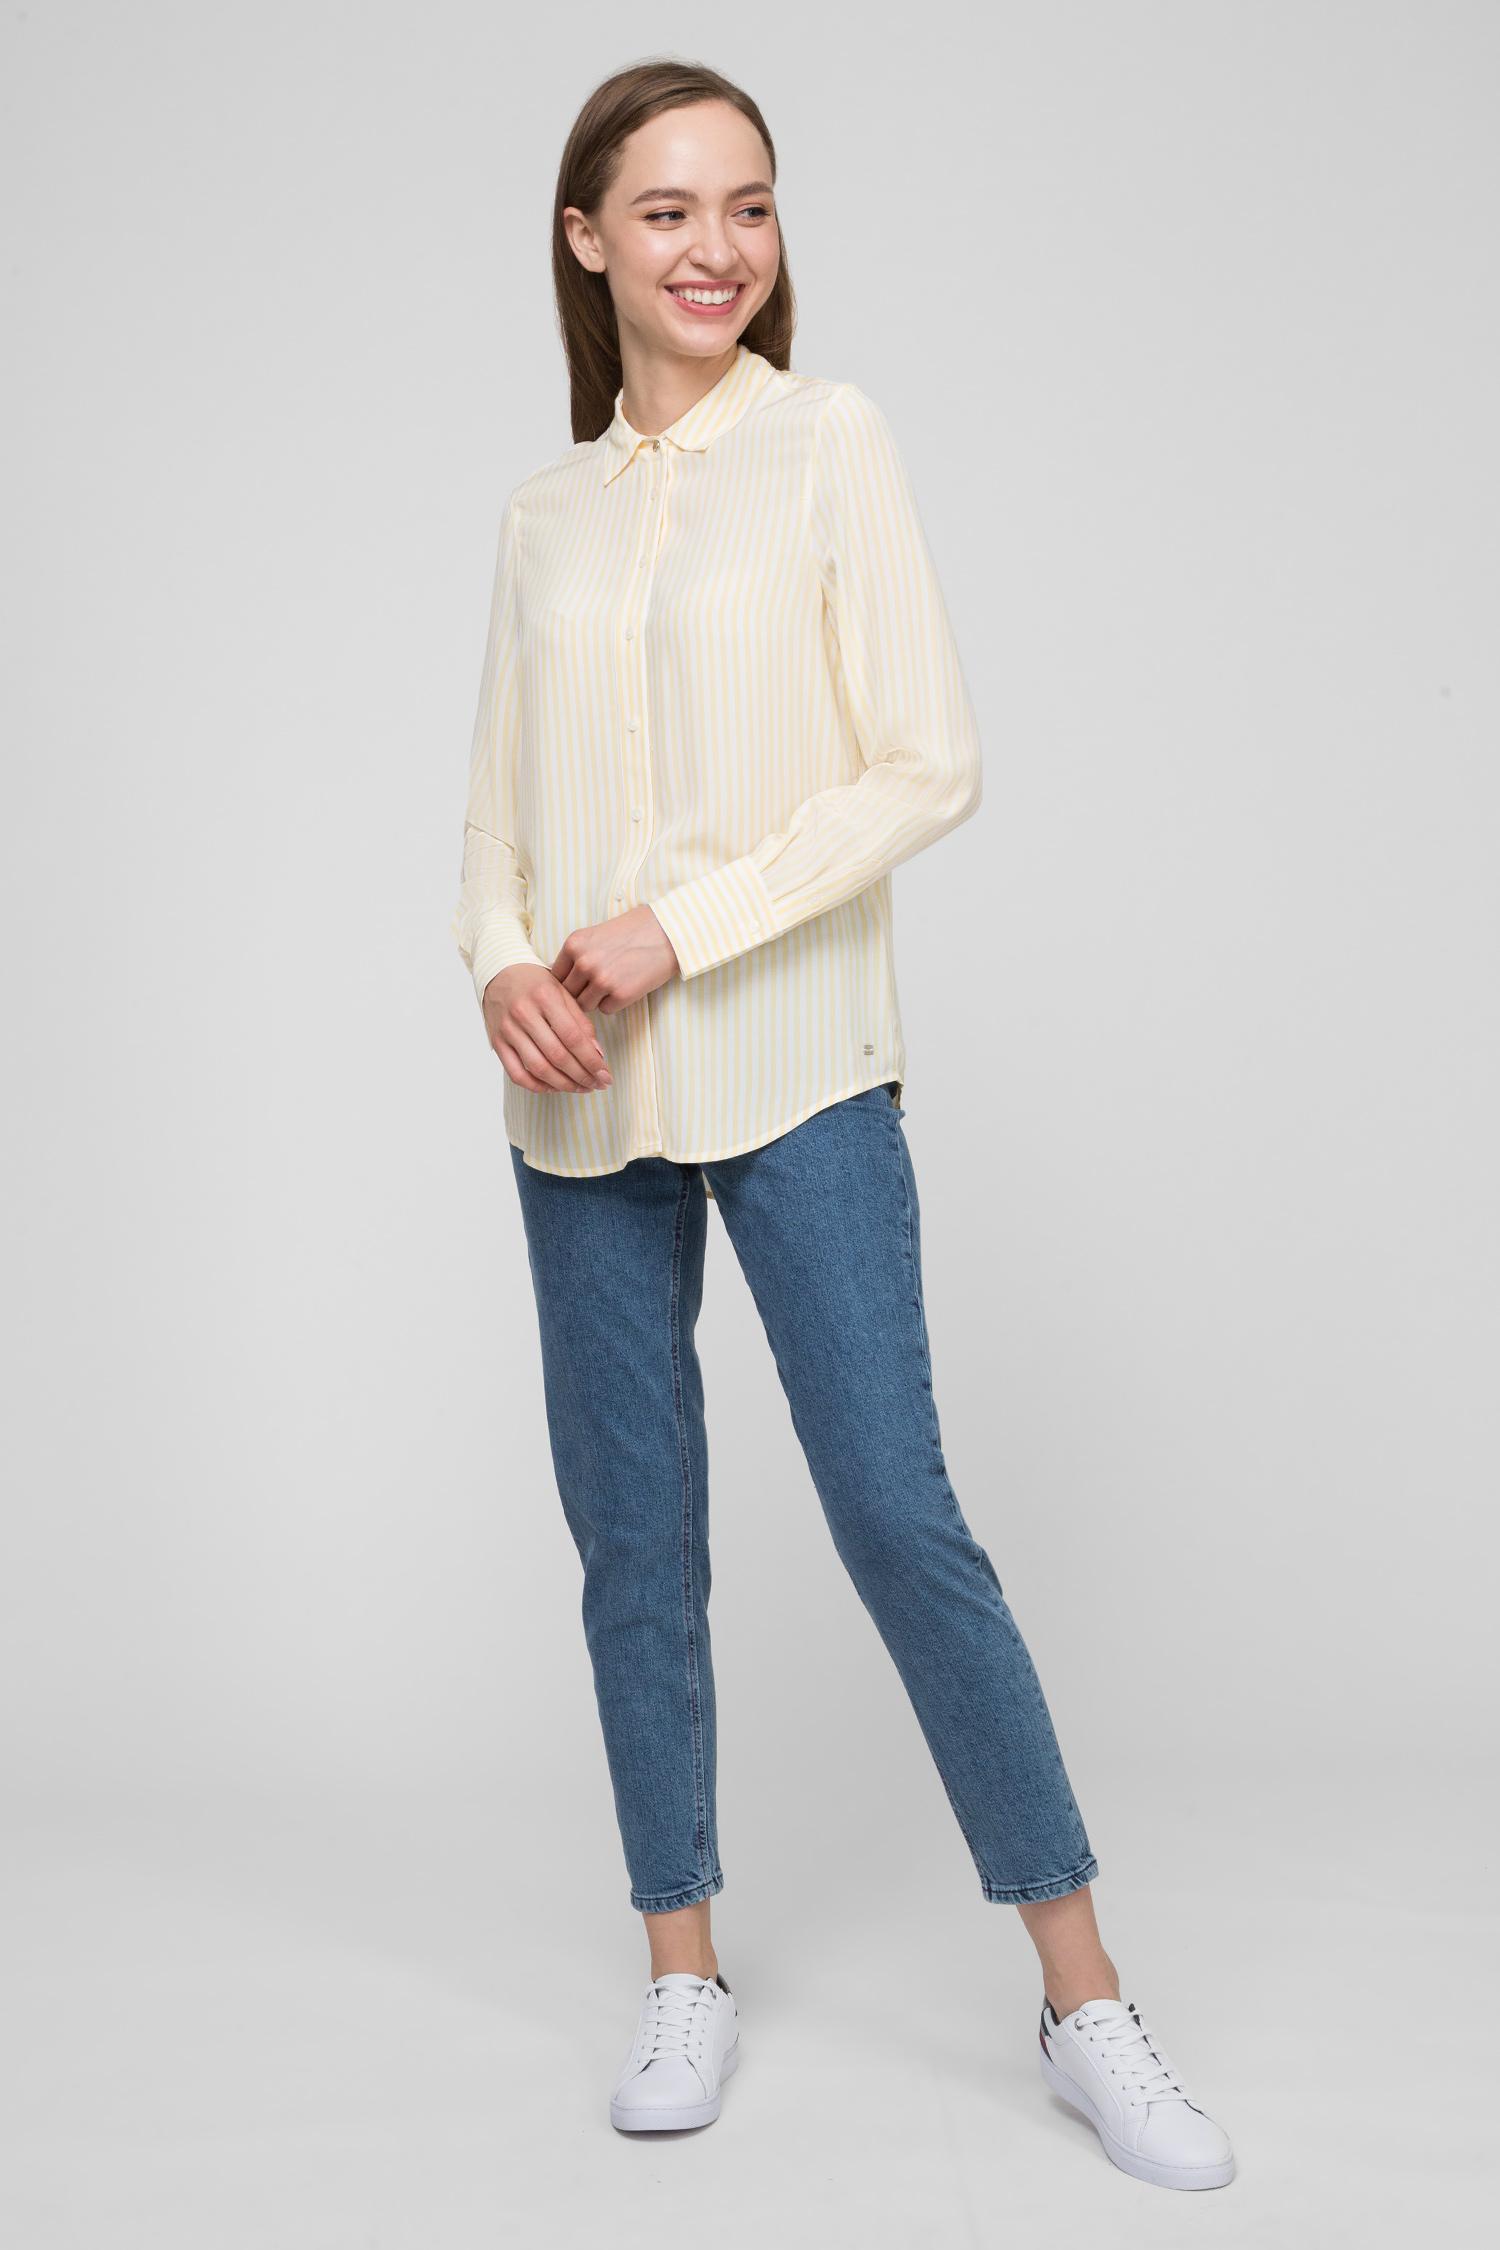 Купить Женская желтая рубашка в полоску FLEUR Tommy Hilfiger Tommy Hilfiger WW0WW24657 – Киев, Украина. Цены в интернет магазине MD Fashion